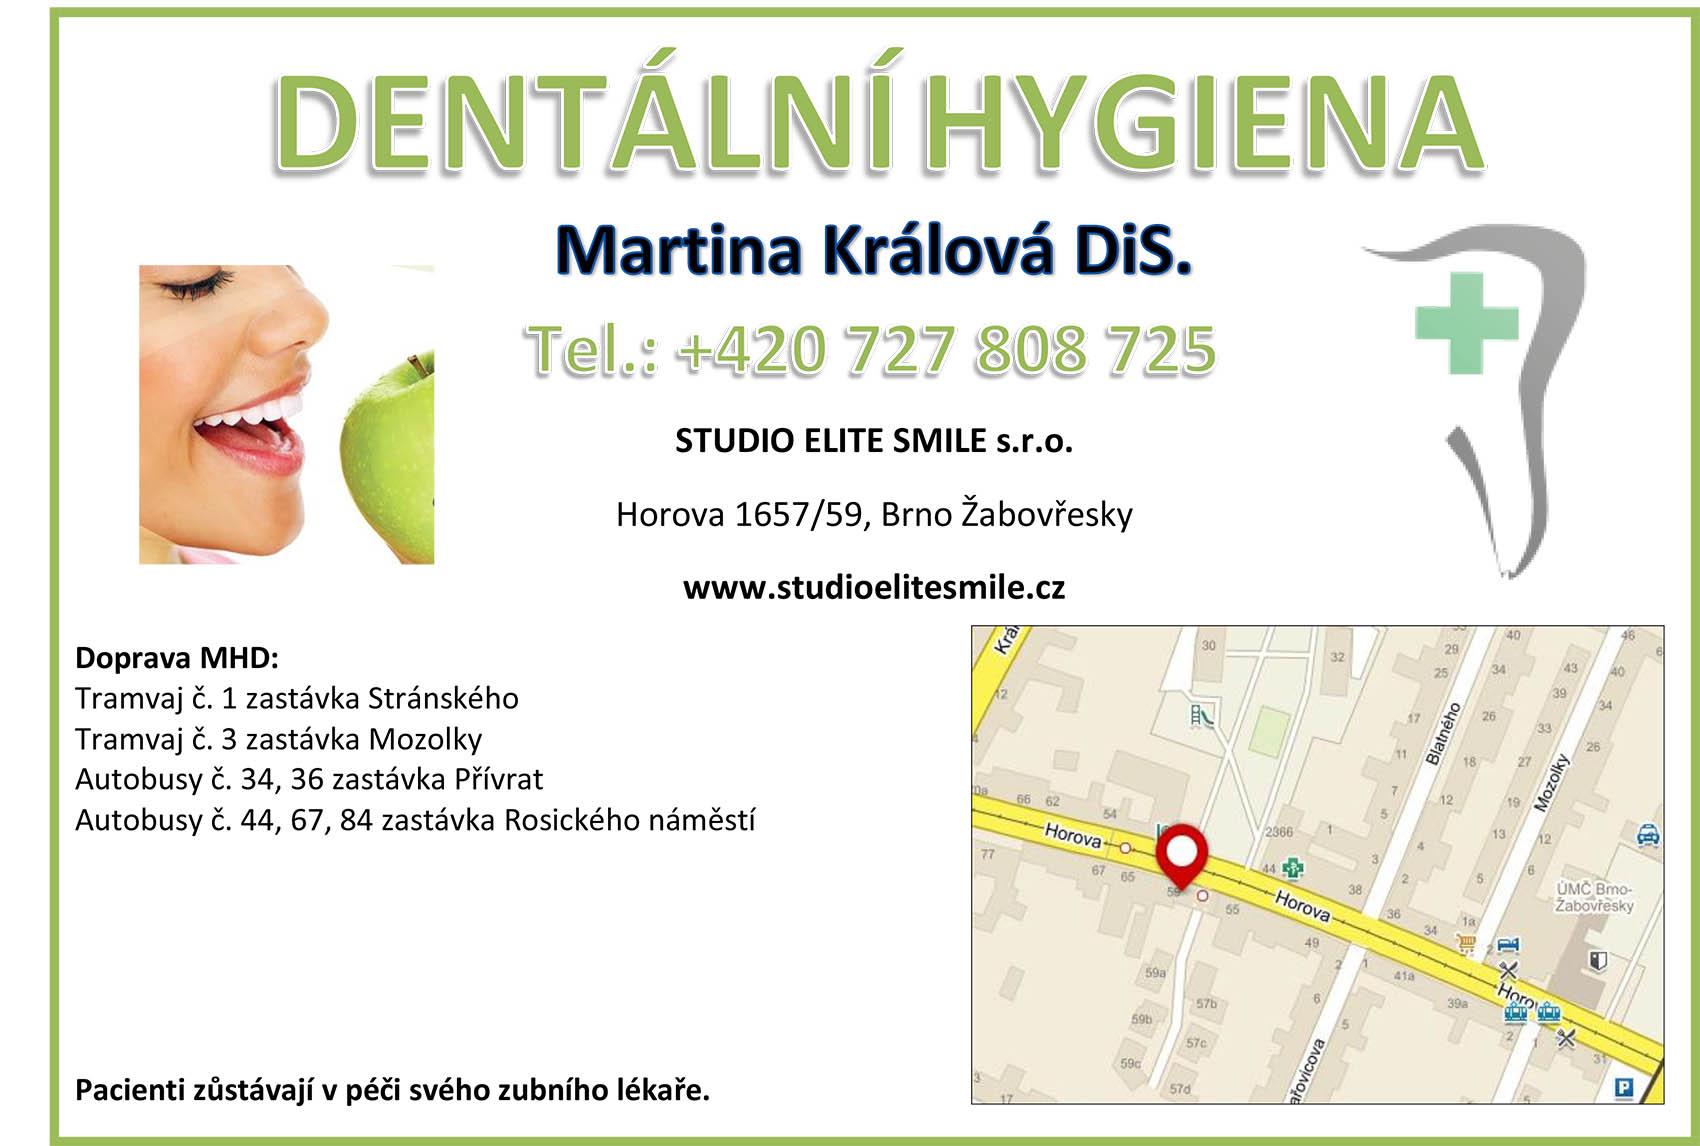 martina-kralova-dentalni-hygiena